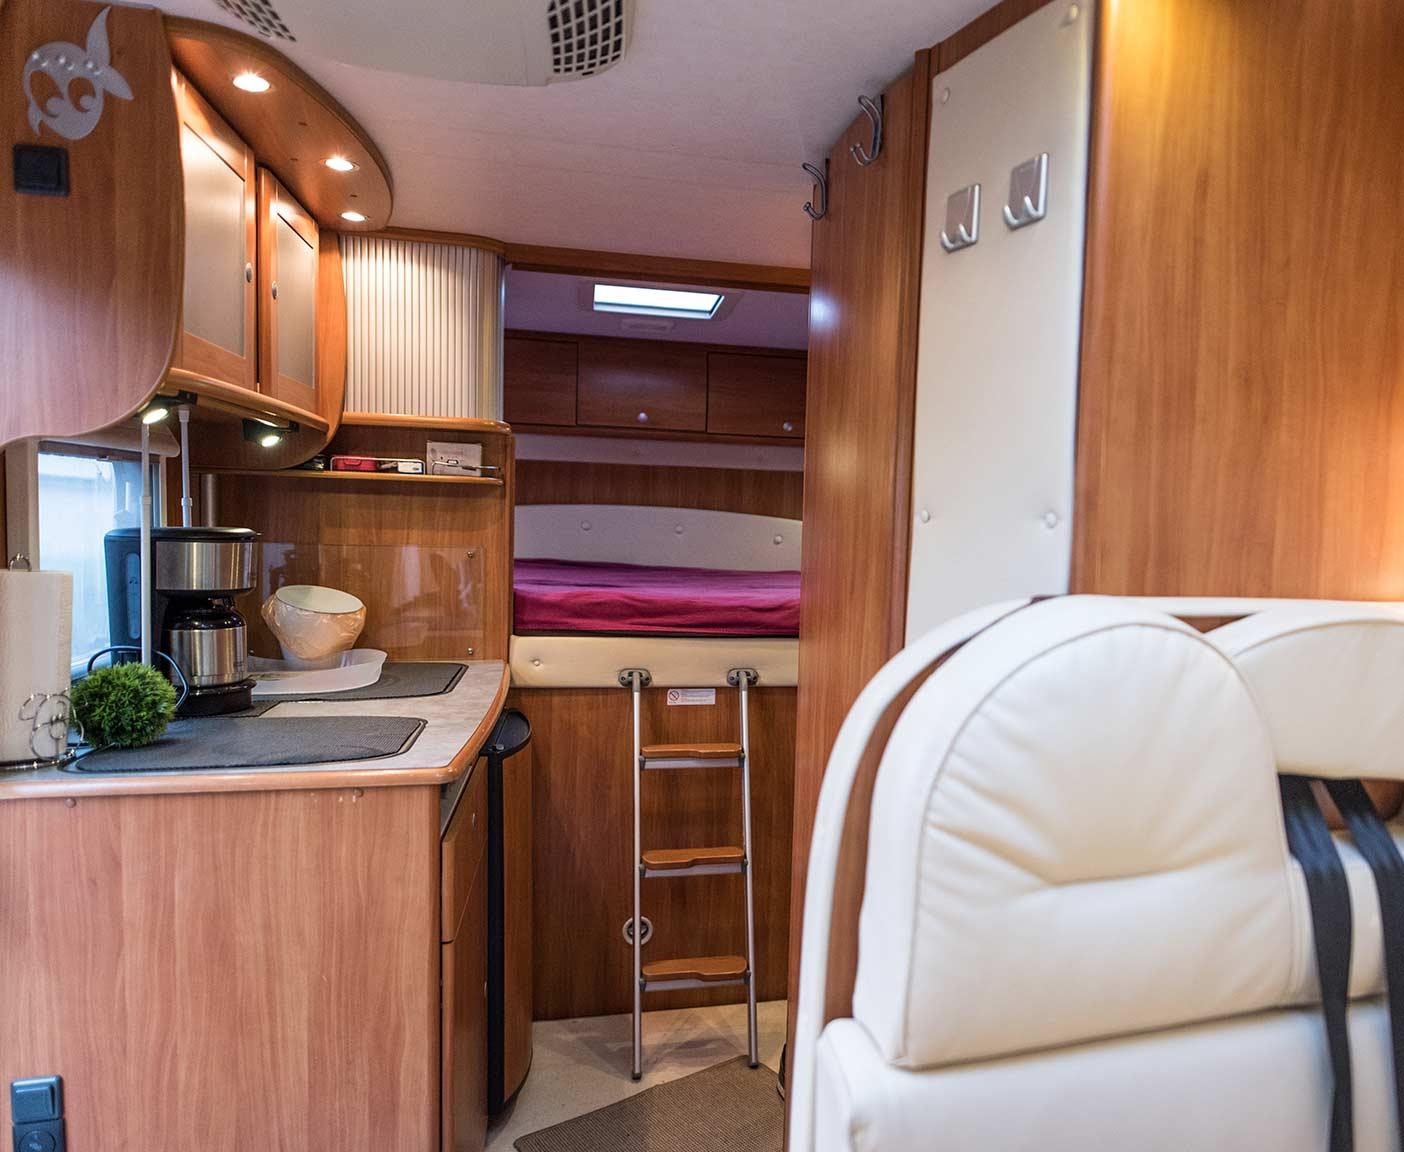 Wohnmobil von innen, Bettnische, Camperküche, Vermieter werden bei PaulCamper